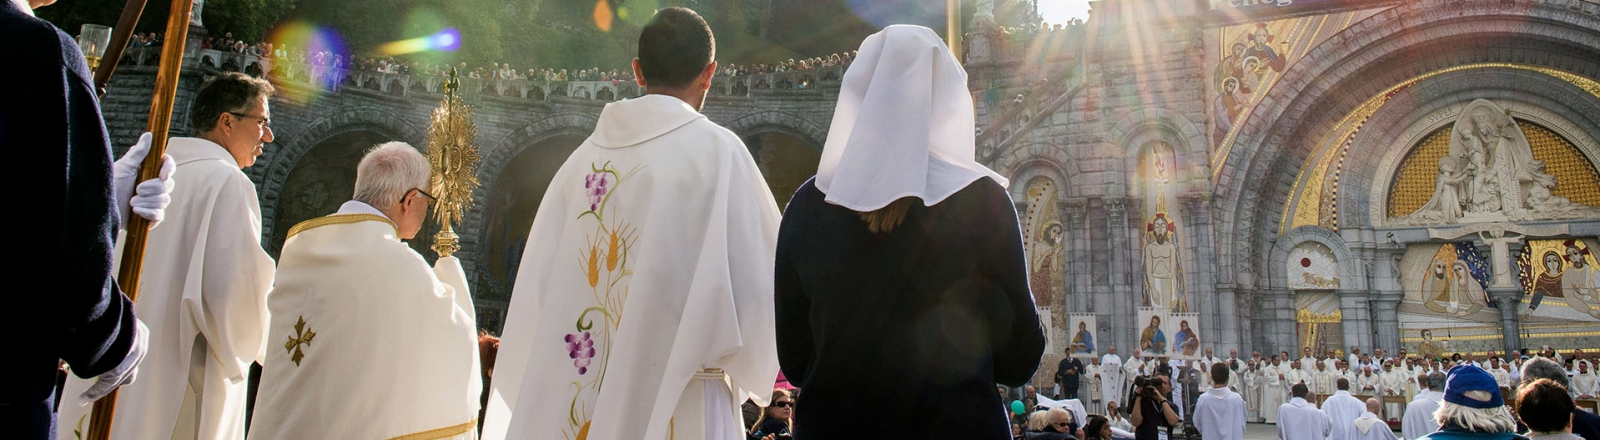 Hospital saint sacrament rendez vous dating